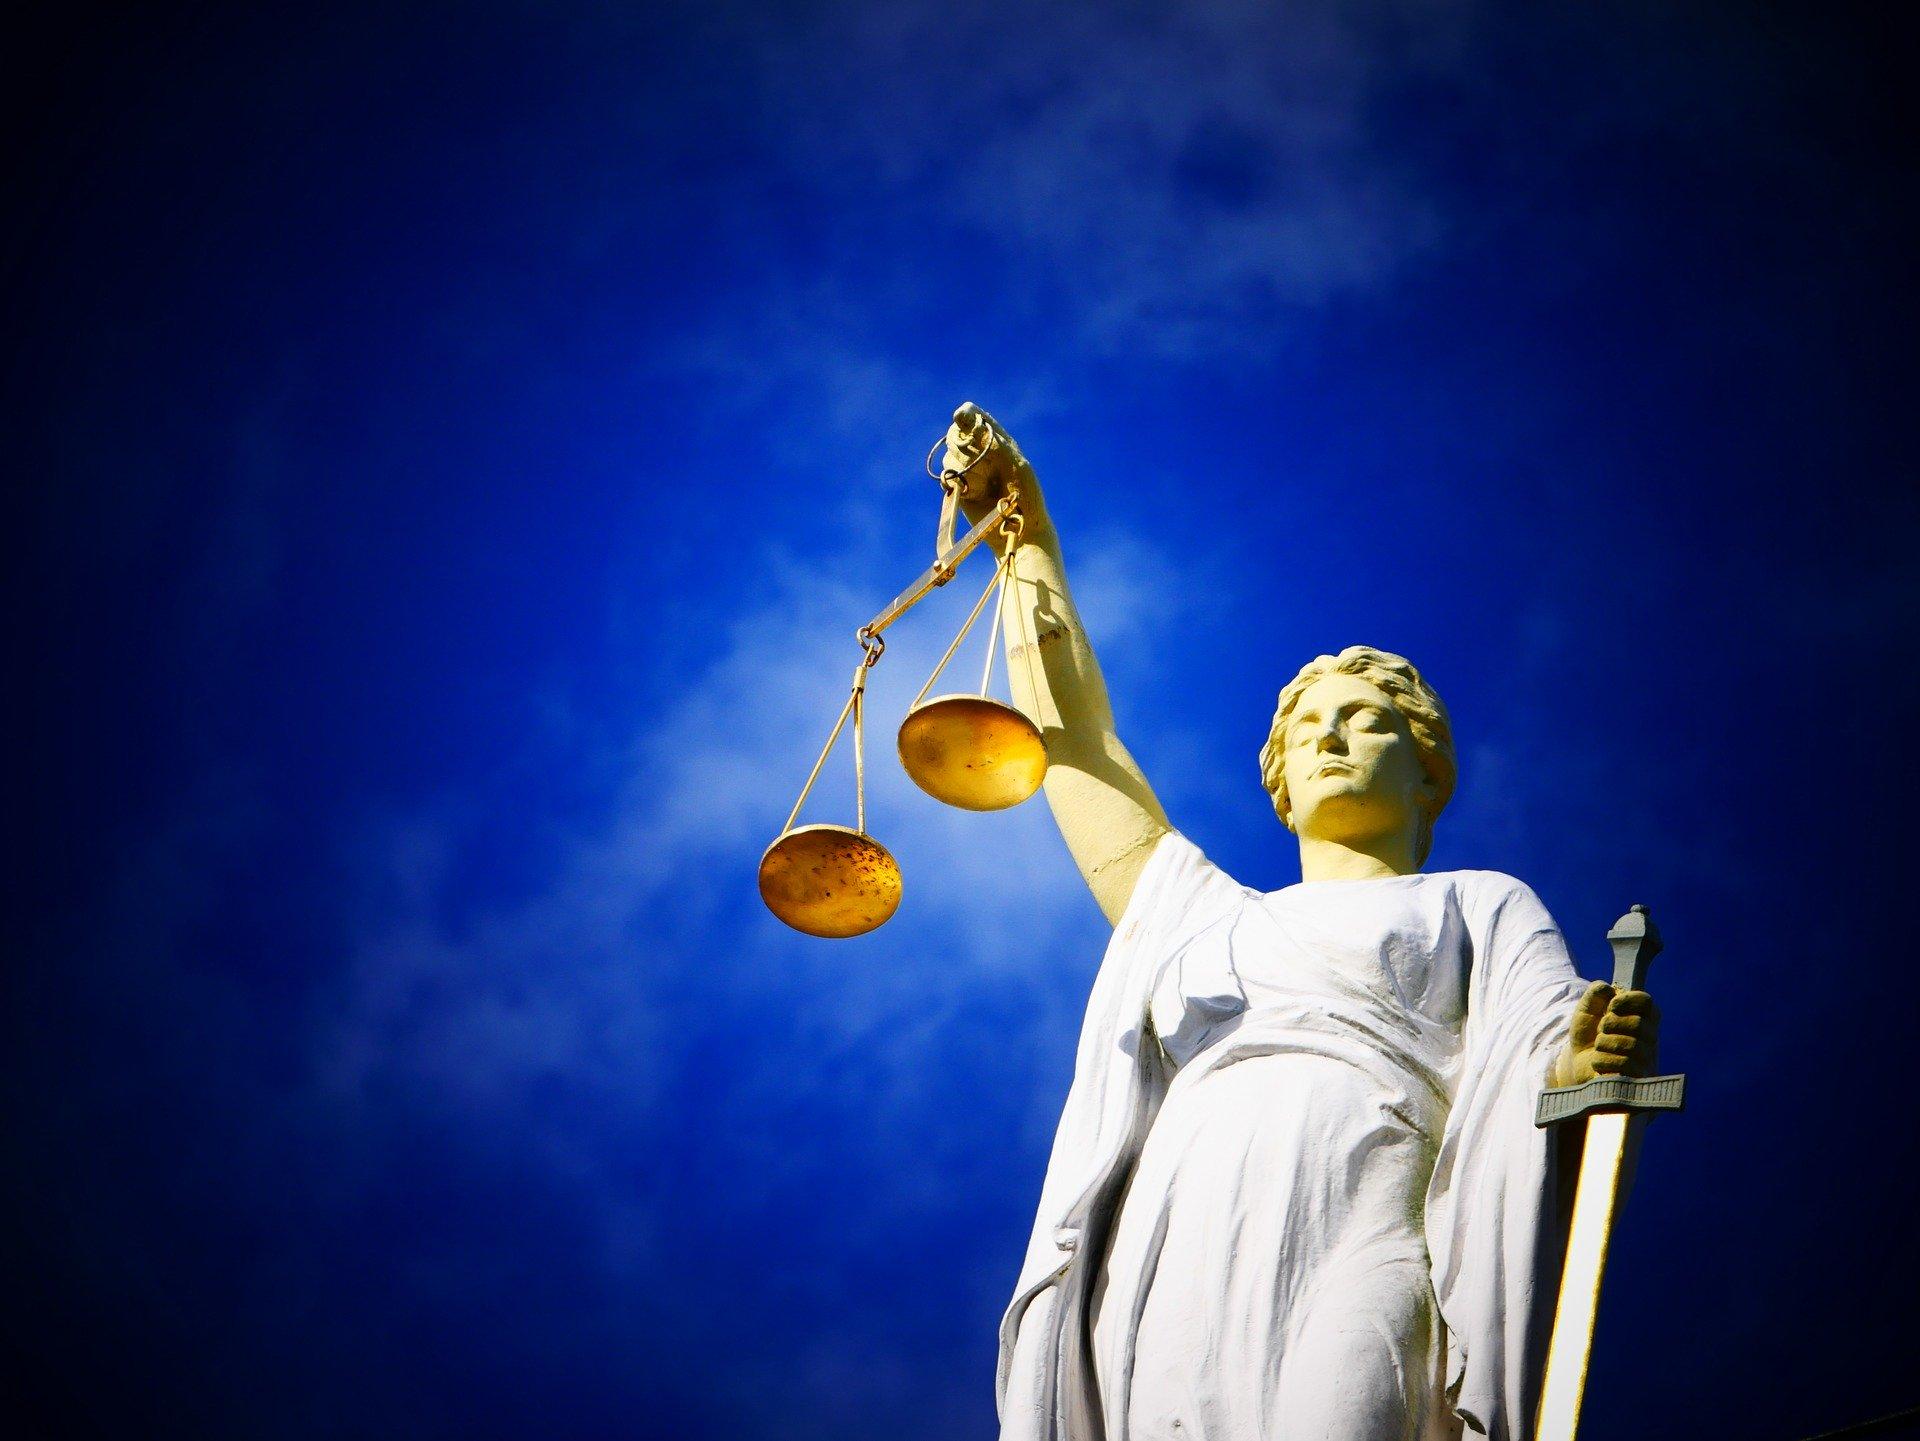 Actie nodig voor behoud rechtsstaat